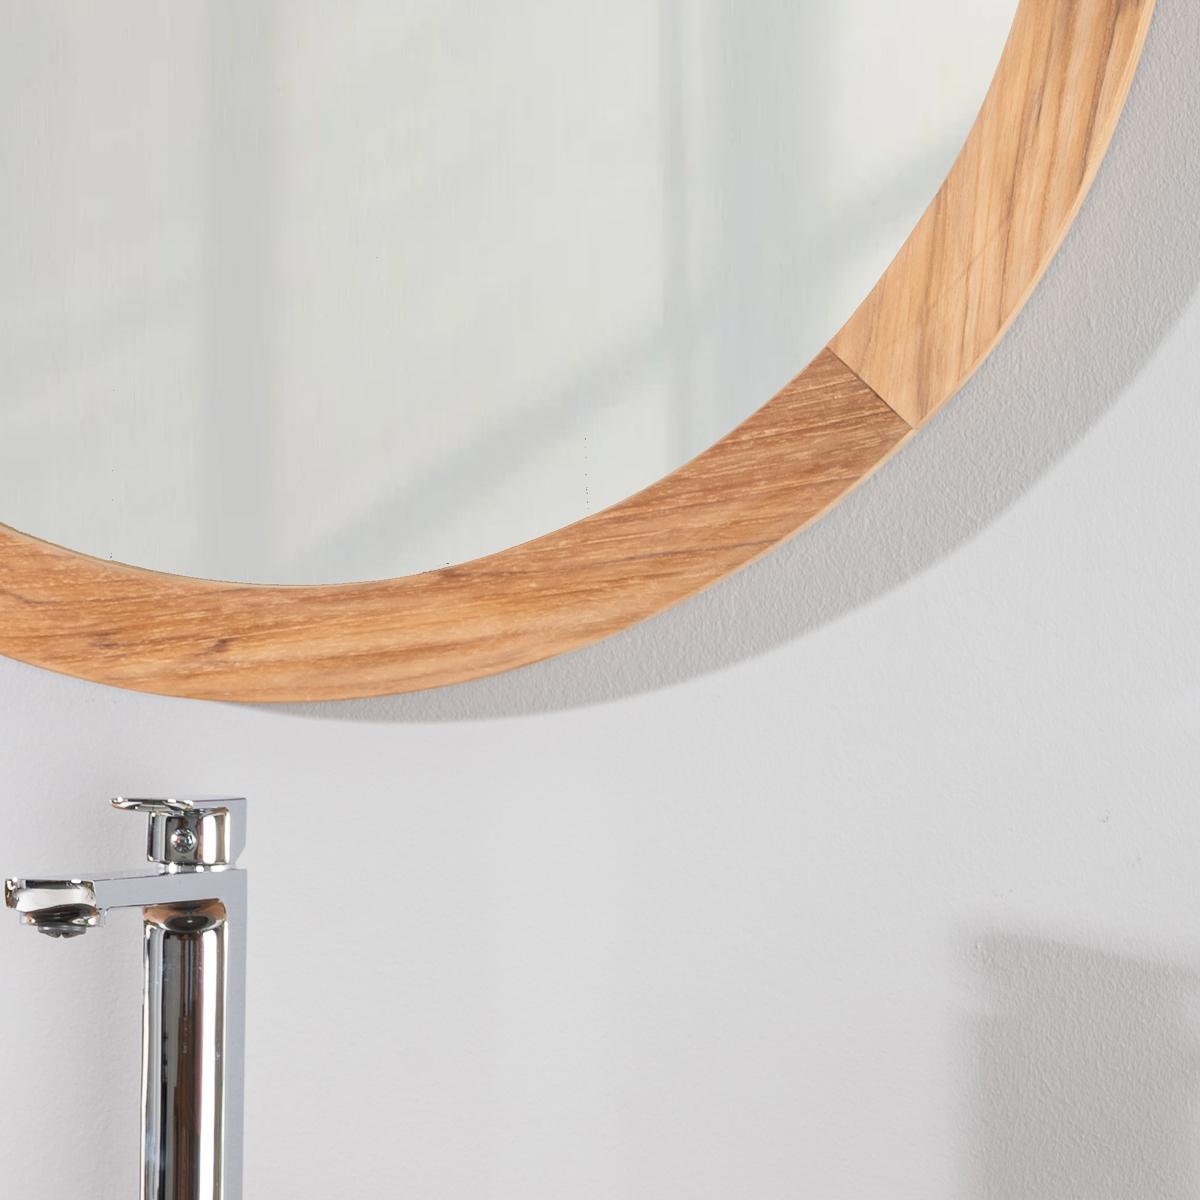 Miroir de salle de bain en bois teck massif hublot for Hublot salle de bain